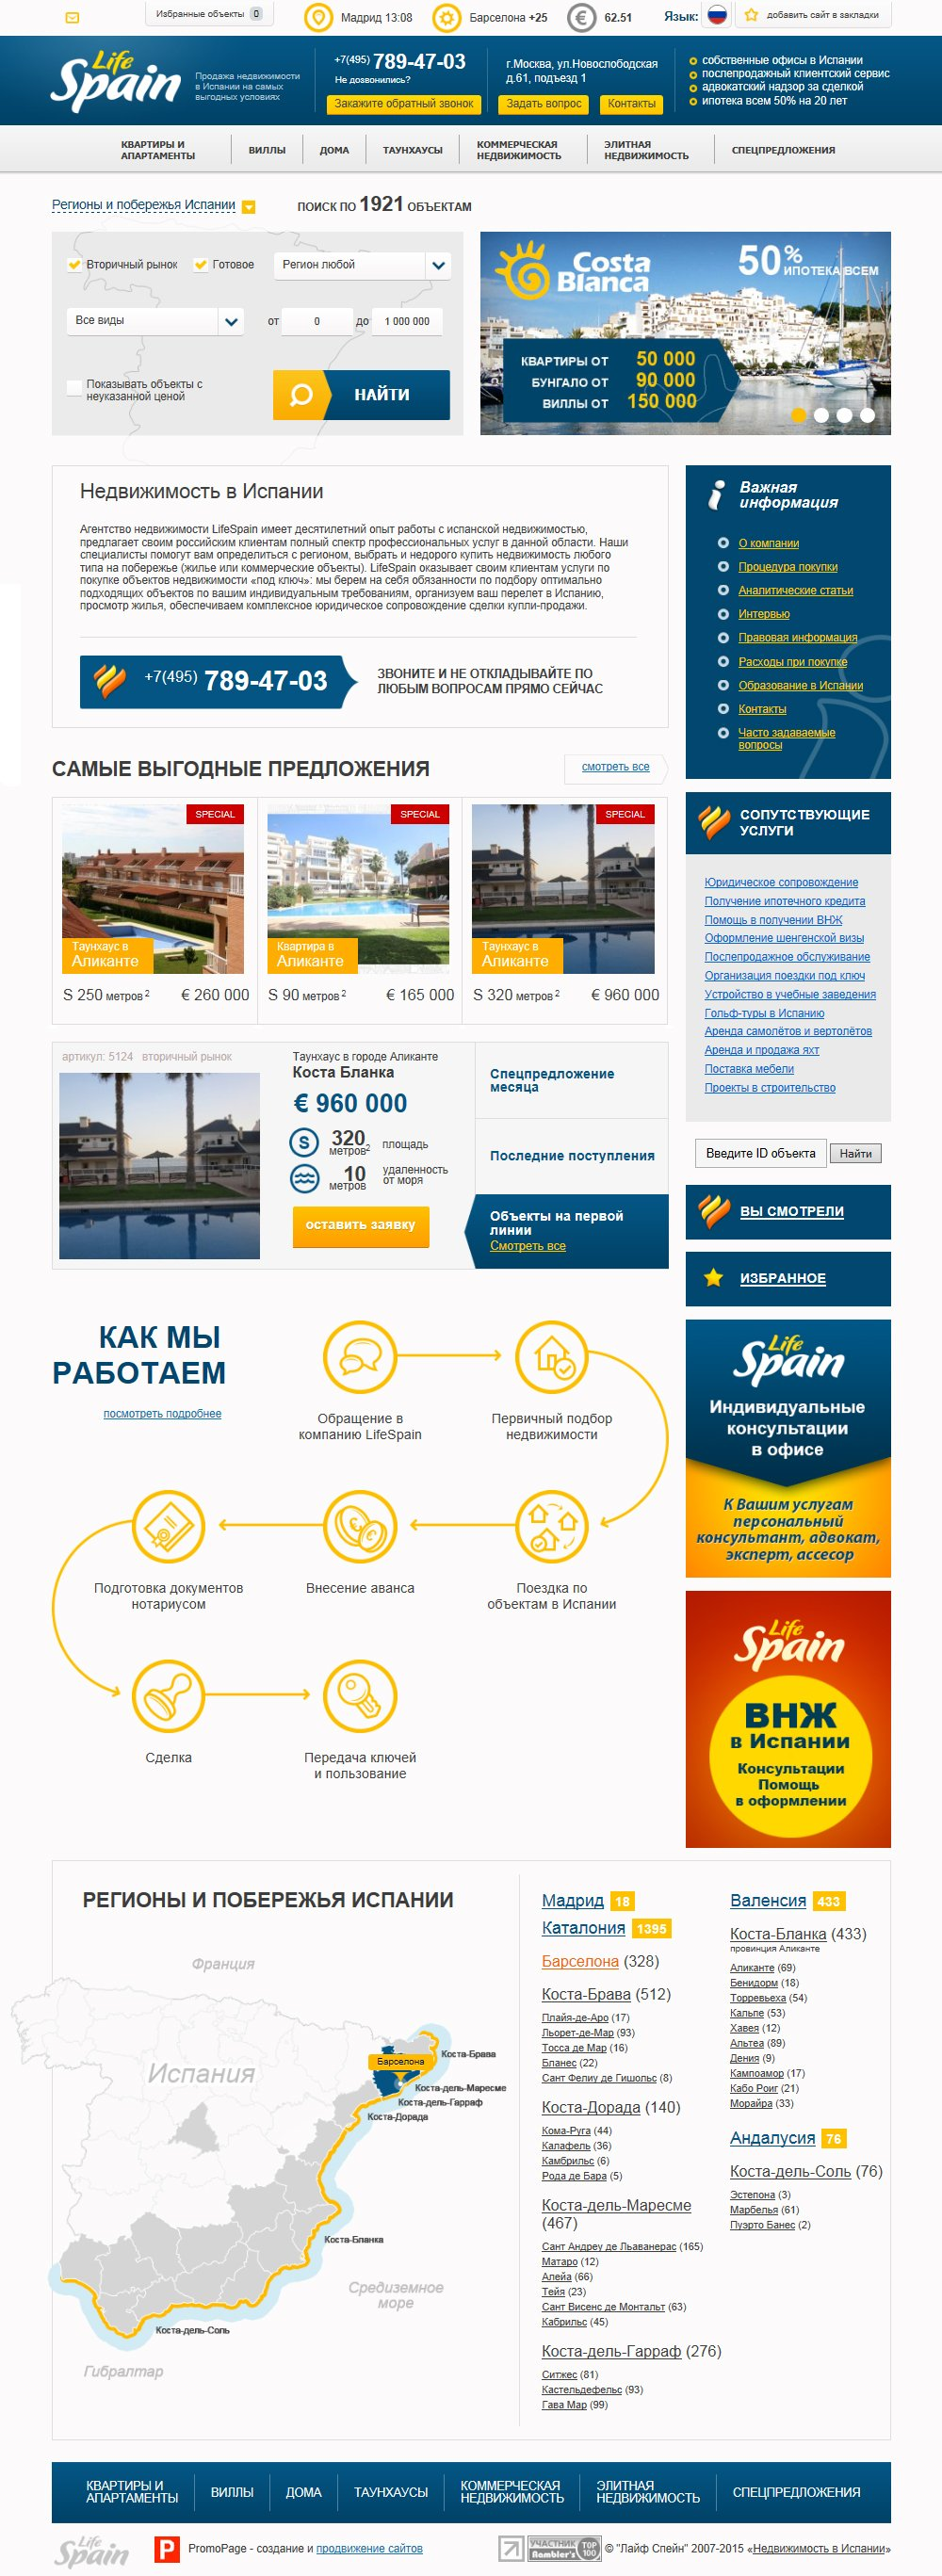 Главная страница сайта агентства недвижимости LifeSpain.ru